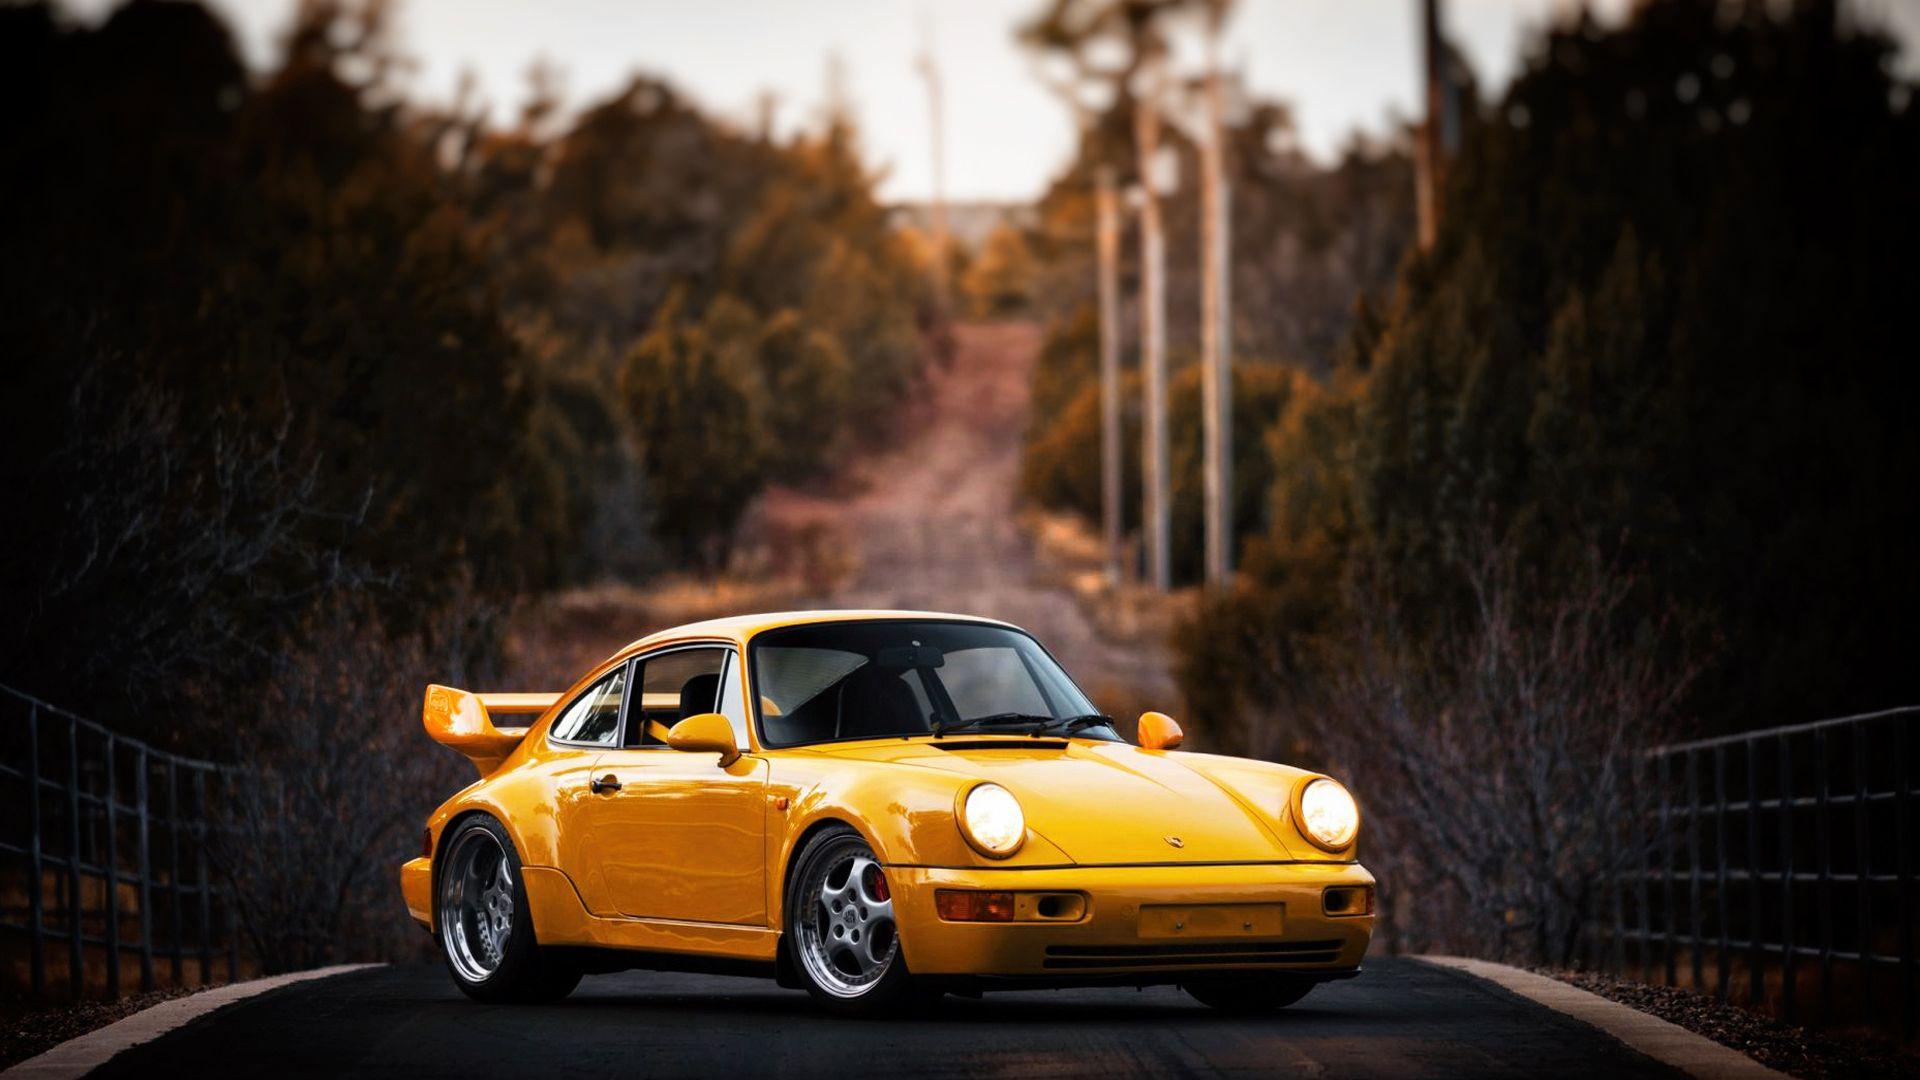 Fondos De Pantallas Porsche Para Android Ios Gratis Link Descarga Https Ift Tt 2eb0wsz Porsche 911 Porsche 964 Porsche 911 964